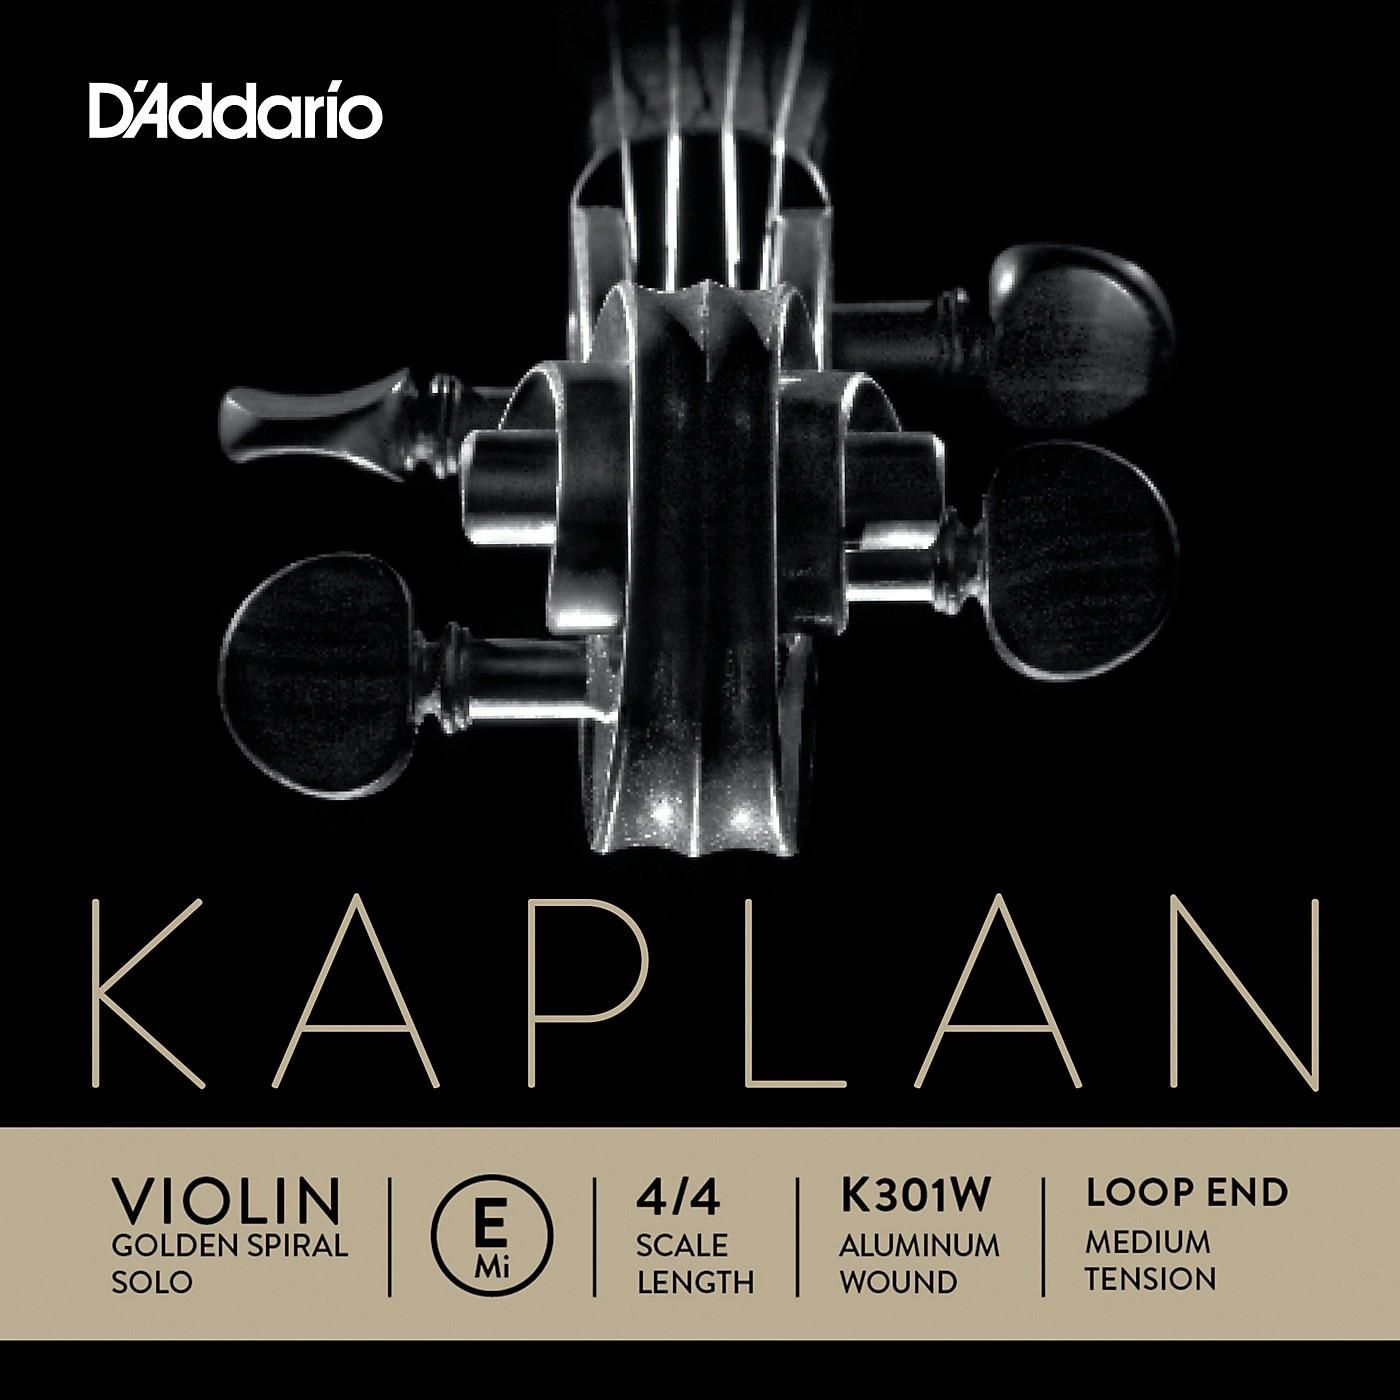 D'Addario Kaplan Golden Spiral Solo Wound Series Violin E String thumbnail